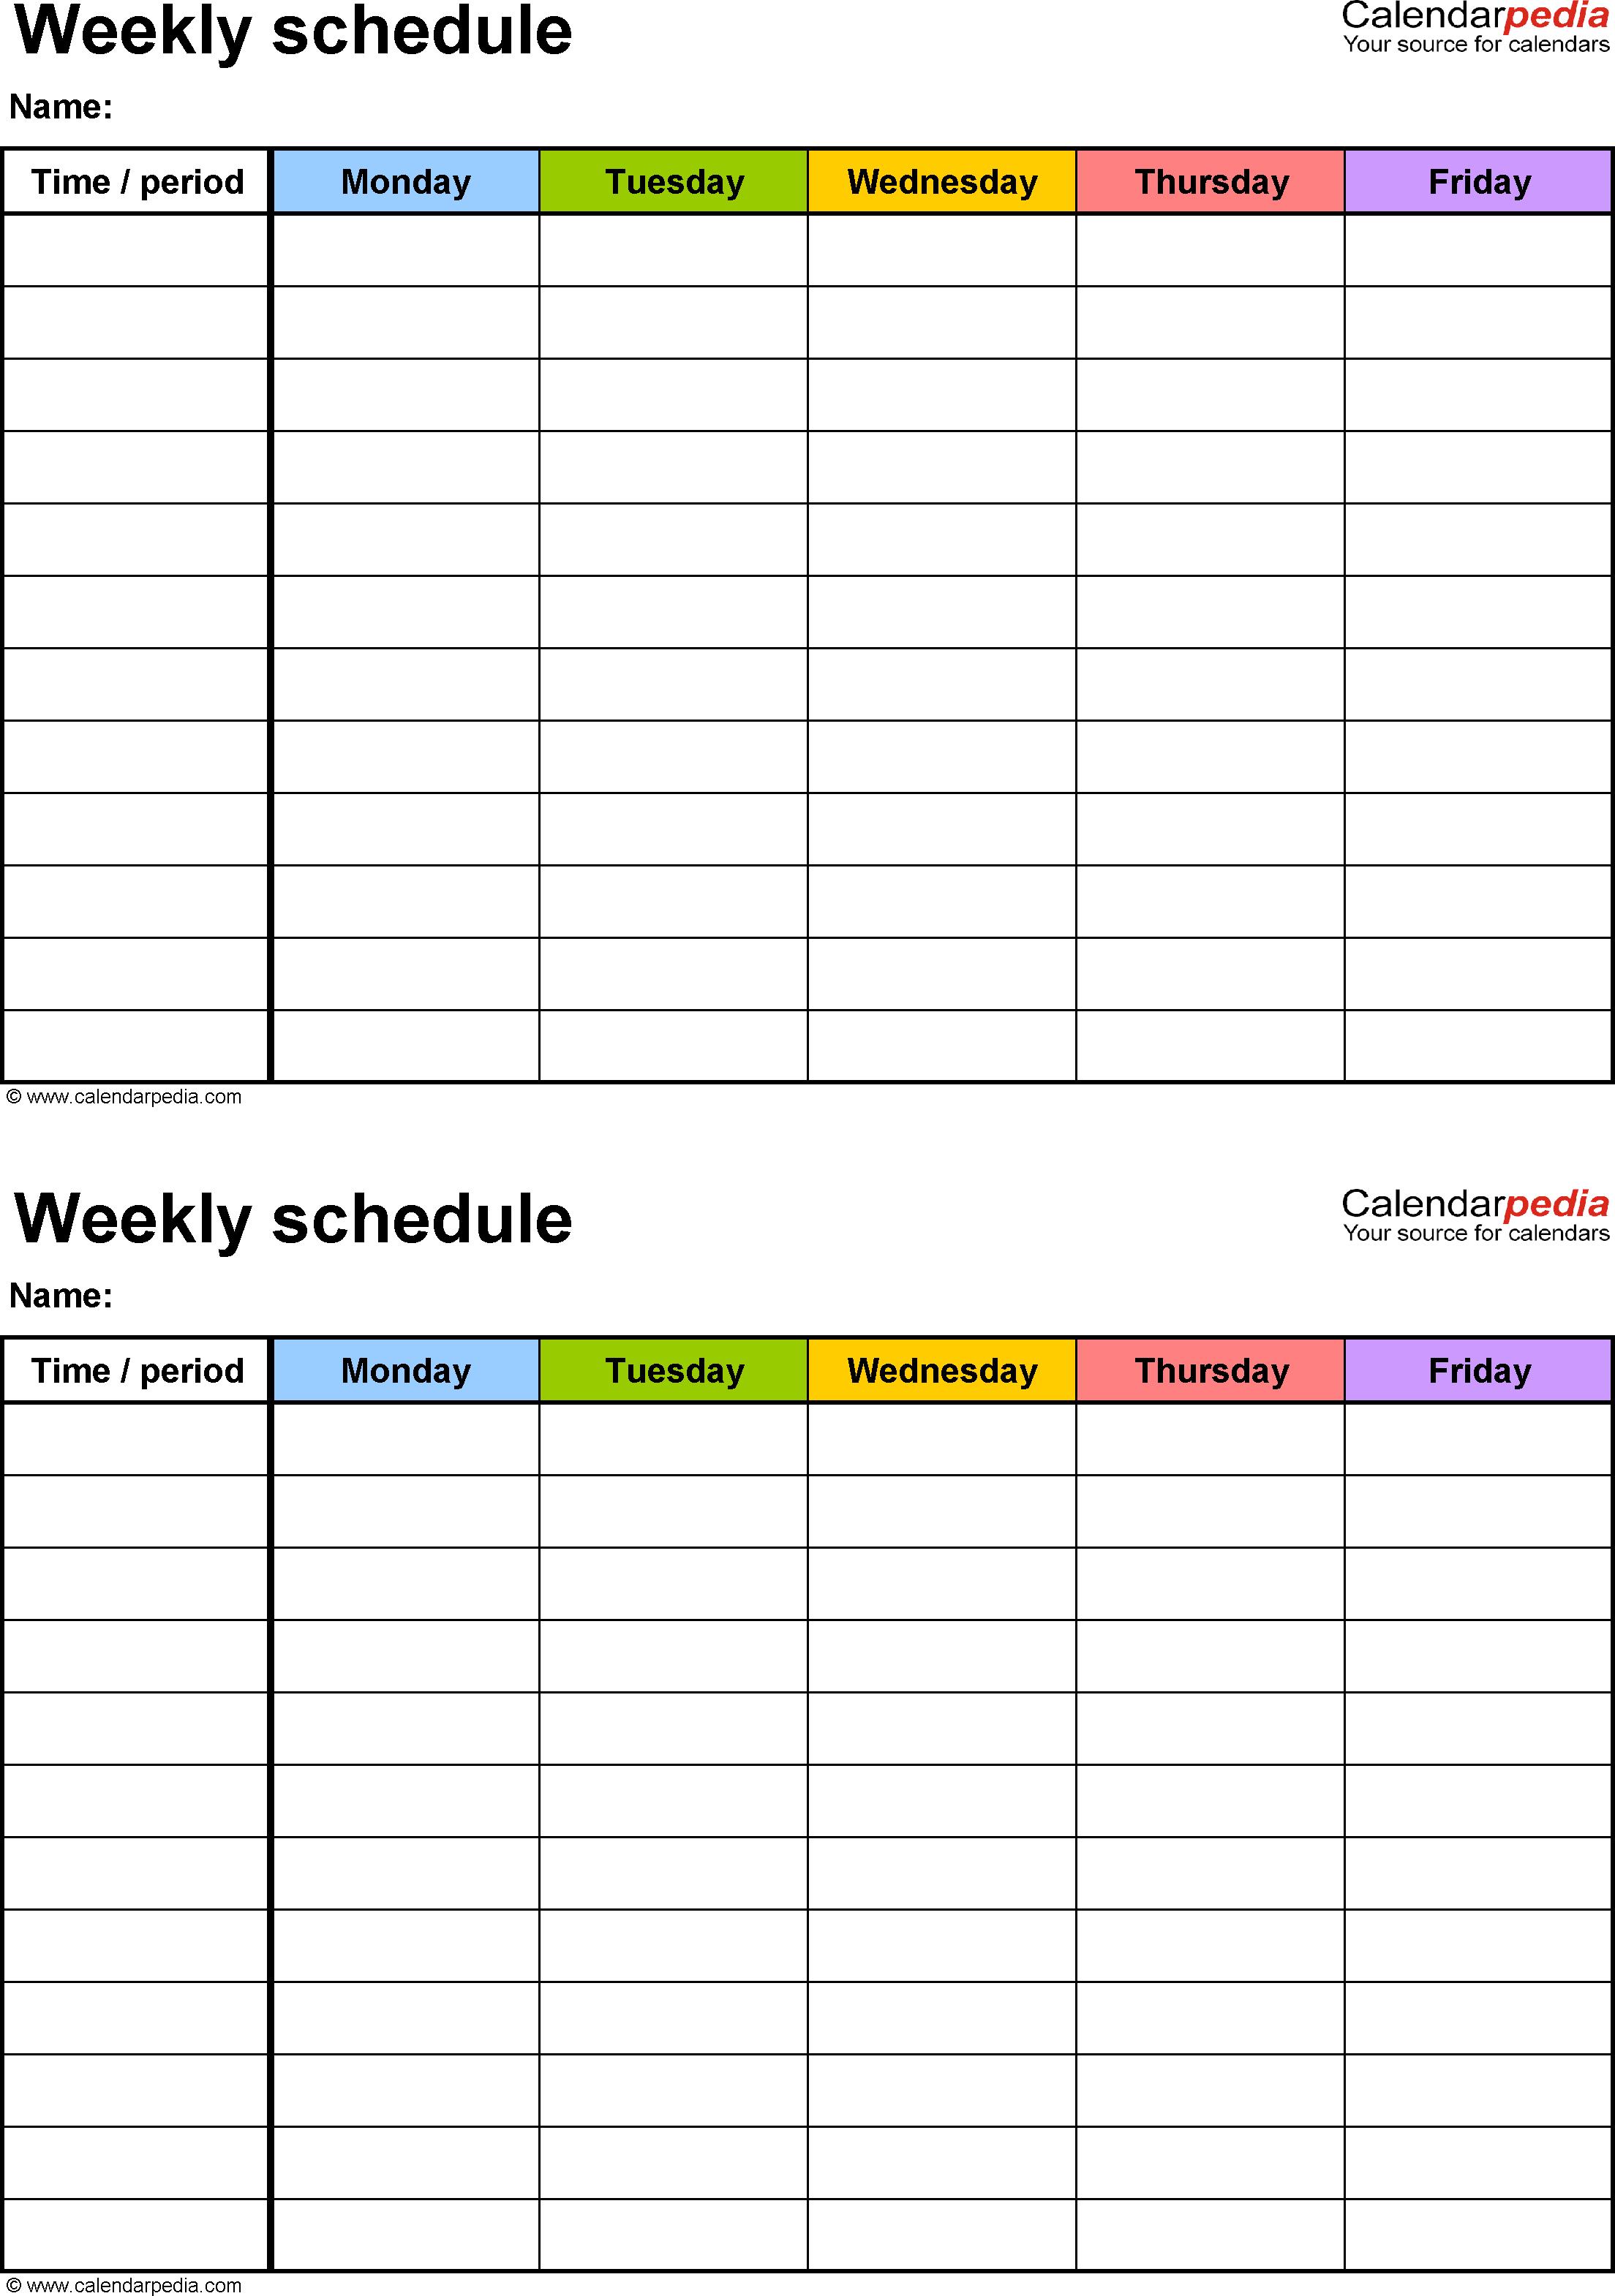 Free Printable 2 Week Calendar - Wpa.wpart.co